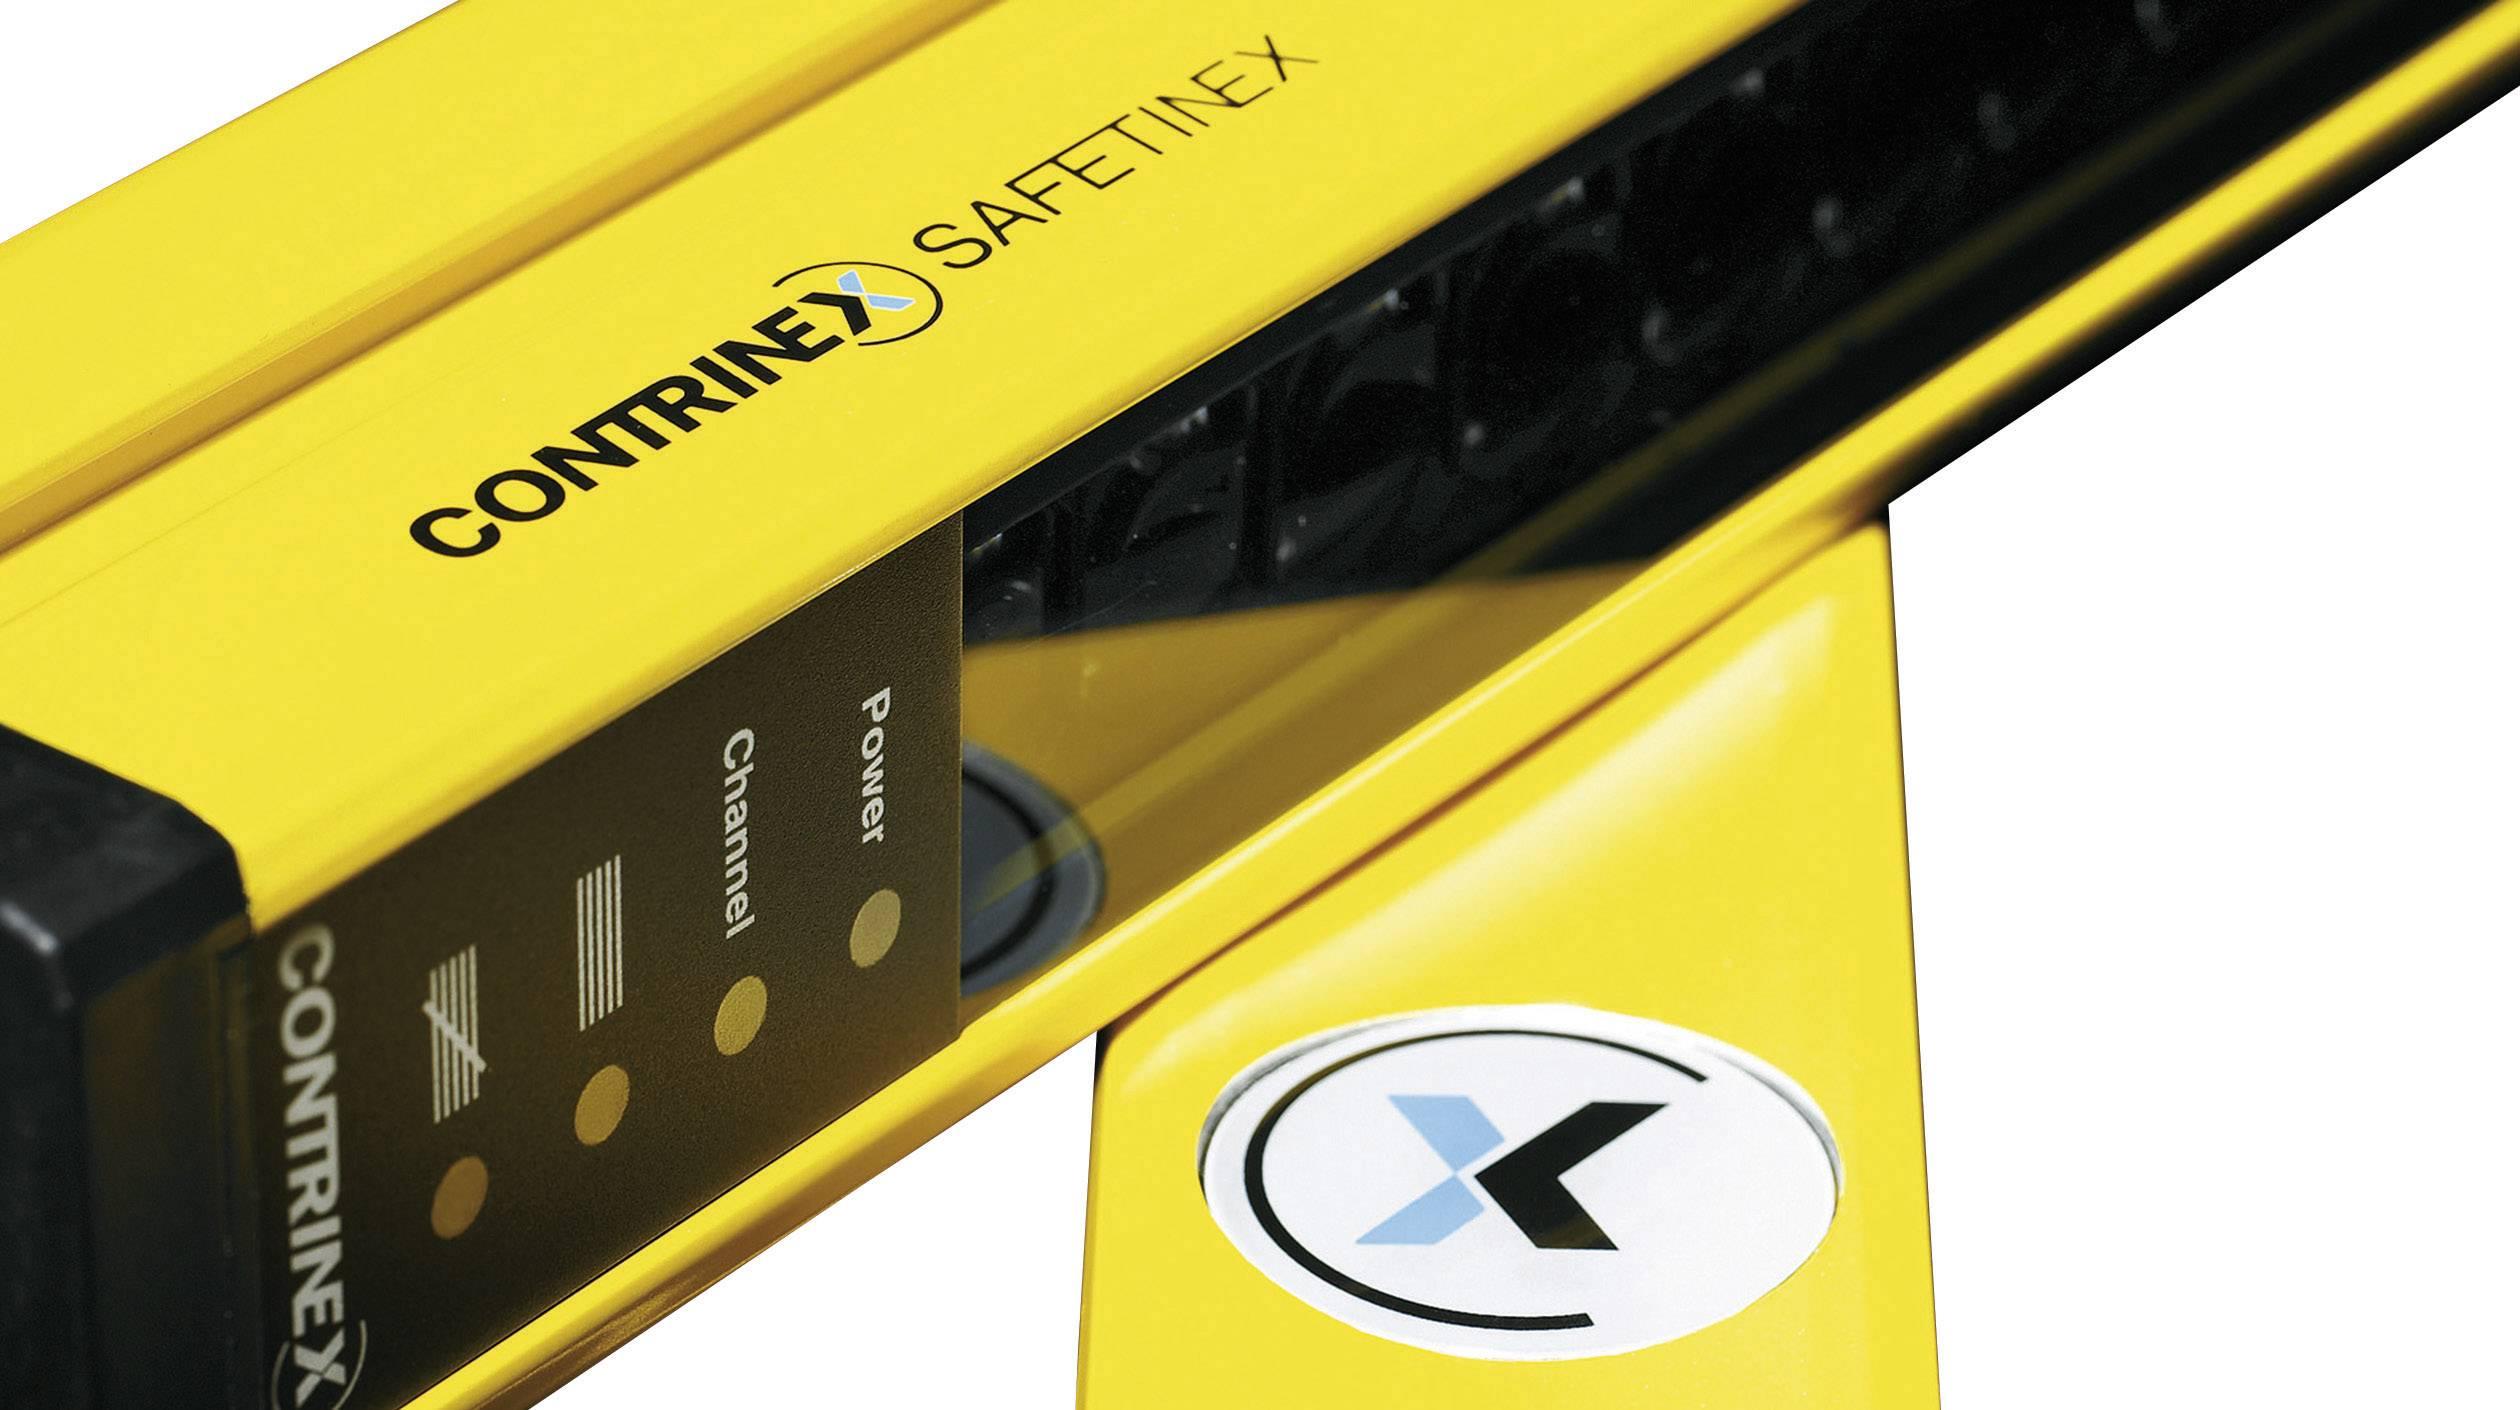 Contrinex YBB-30S4-1800-G012 630 000 700